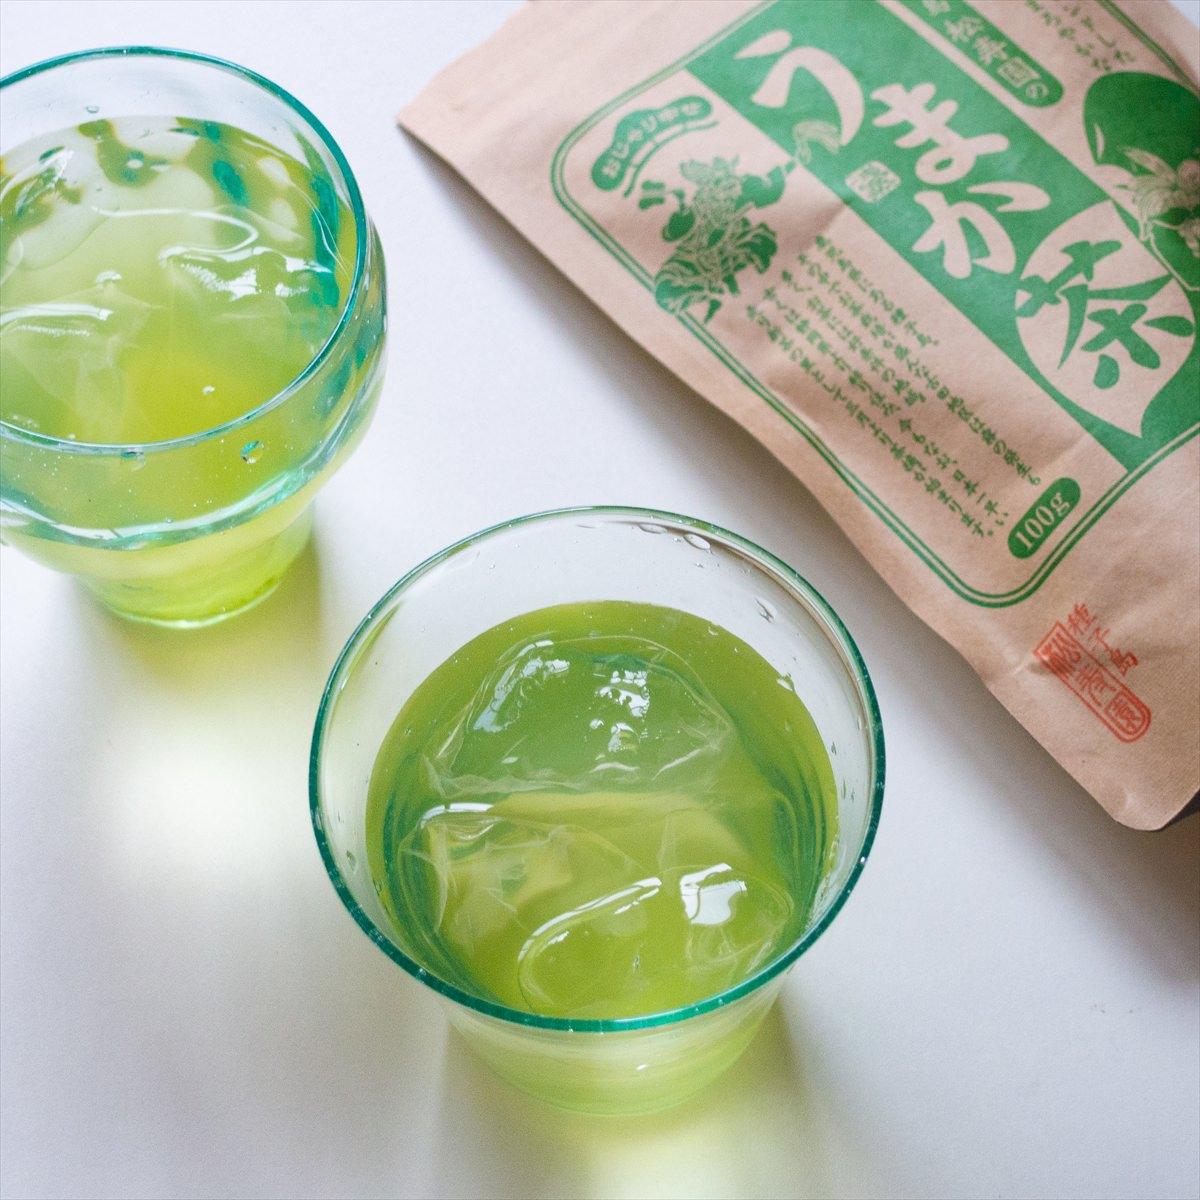 あぐりの里 房子さんのあとひく安納芋甘納豆と松寿園のうまか茶セット〔甘納豆80g×2・うまか茶100g〕